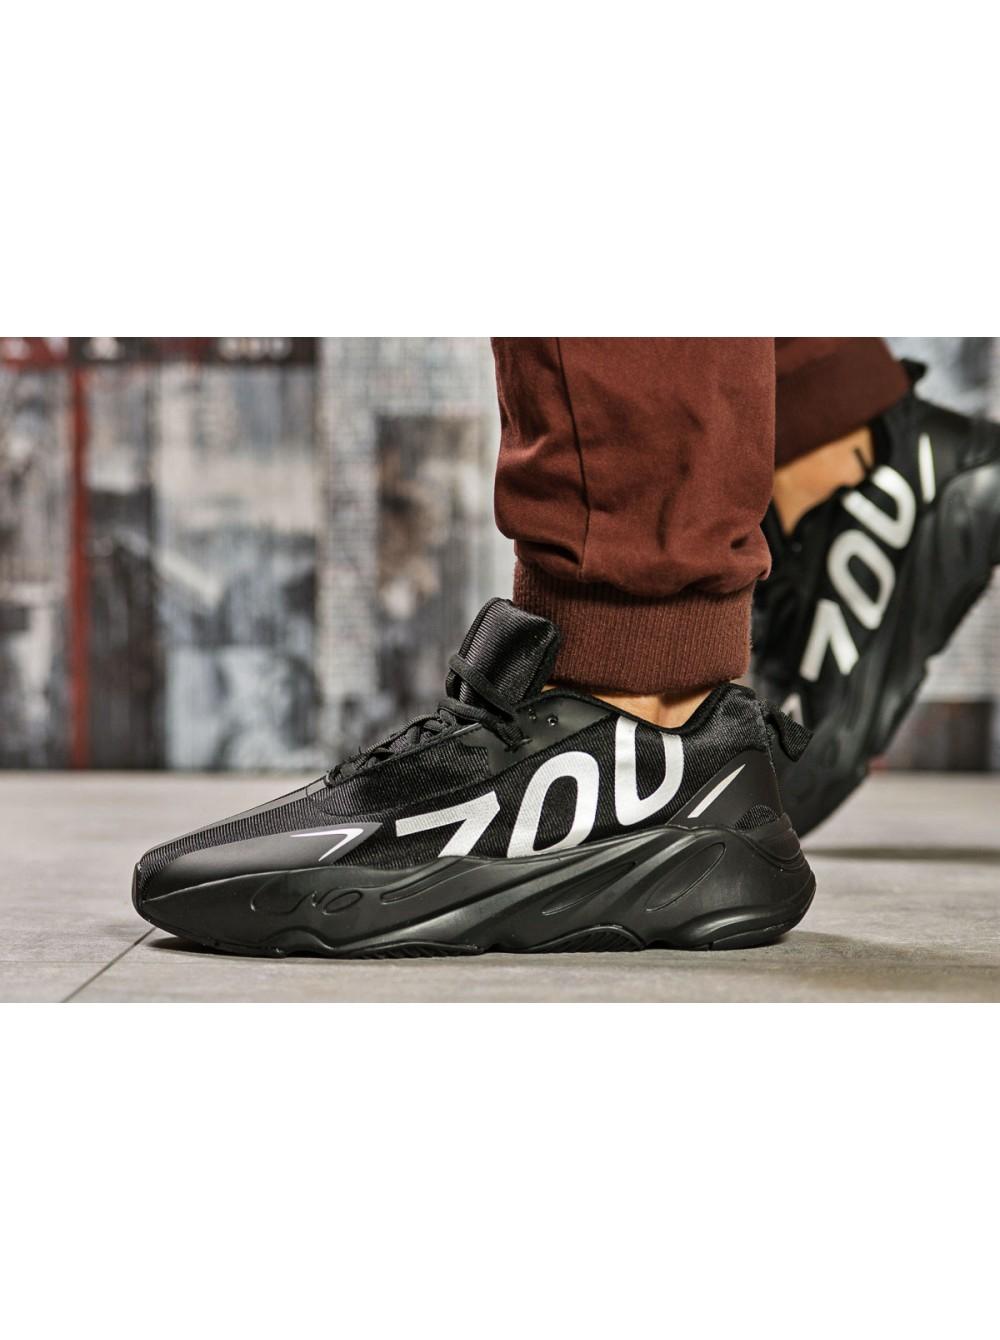 698031c096b4 Купить кроссовки Adidas Yeezy 700 мужские черные в Украине